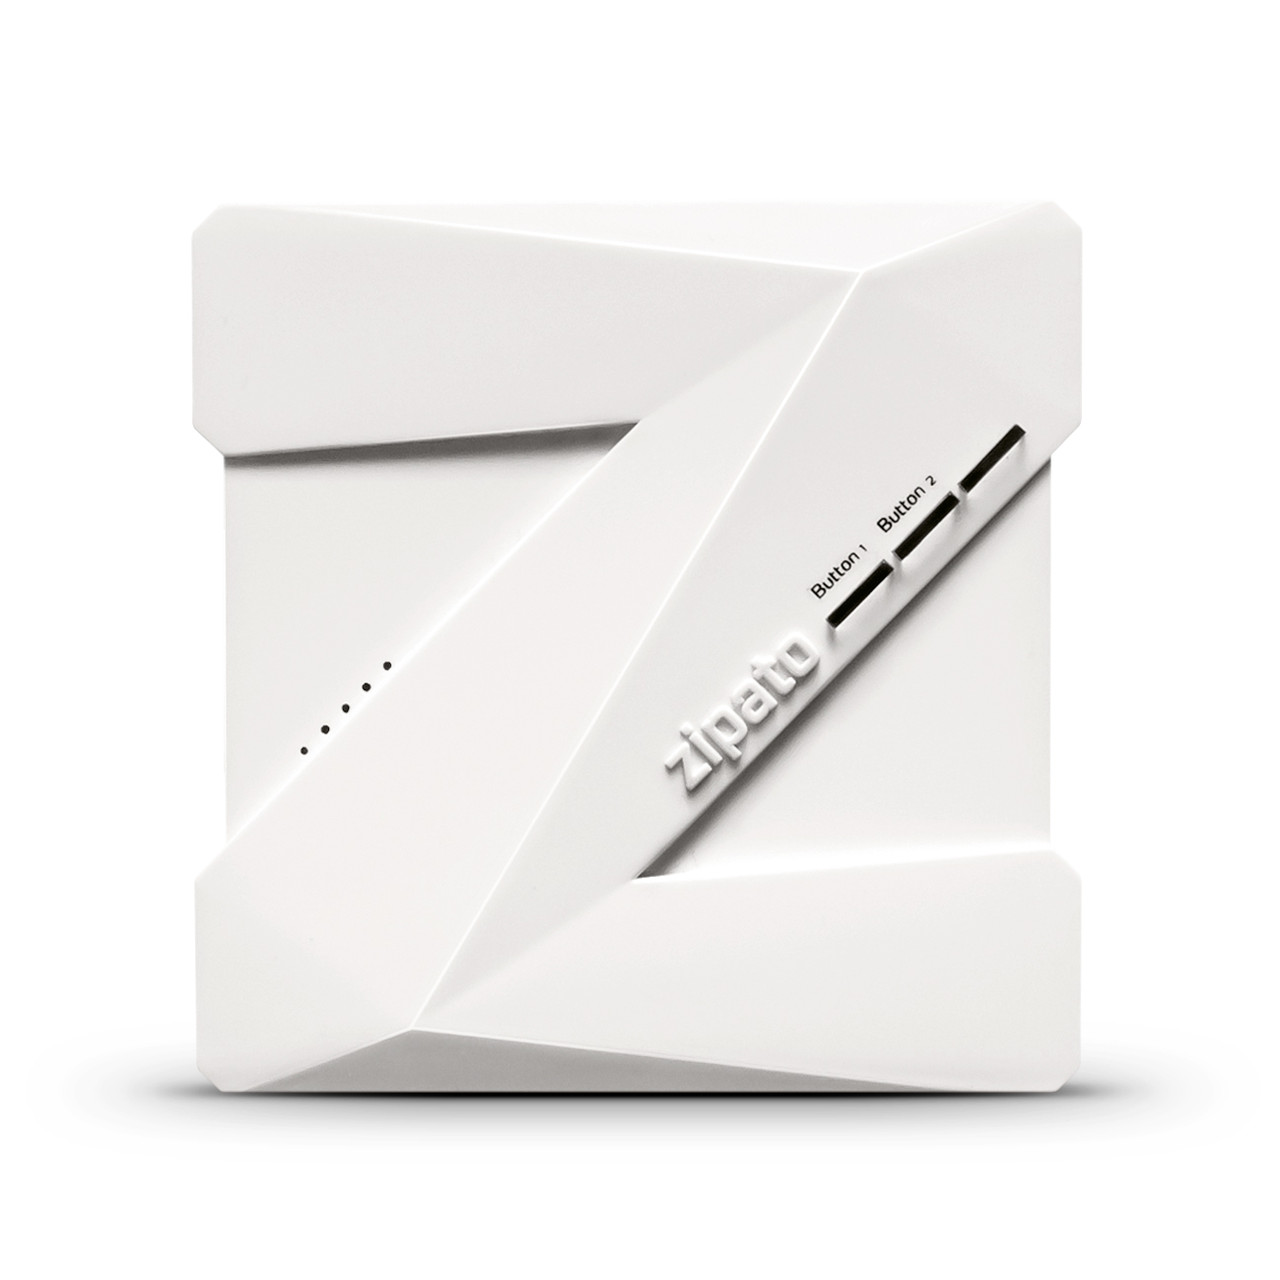 Контроллер умного дома Zipato Zipabox 2 - ZIPEBOX2